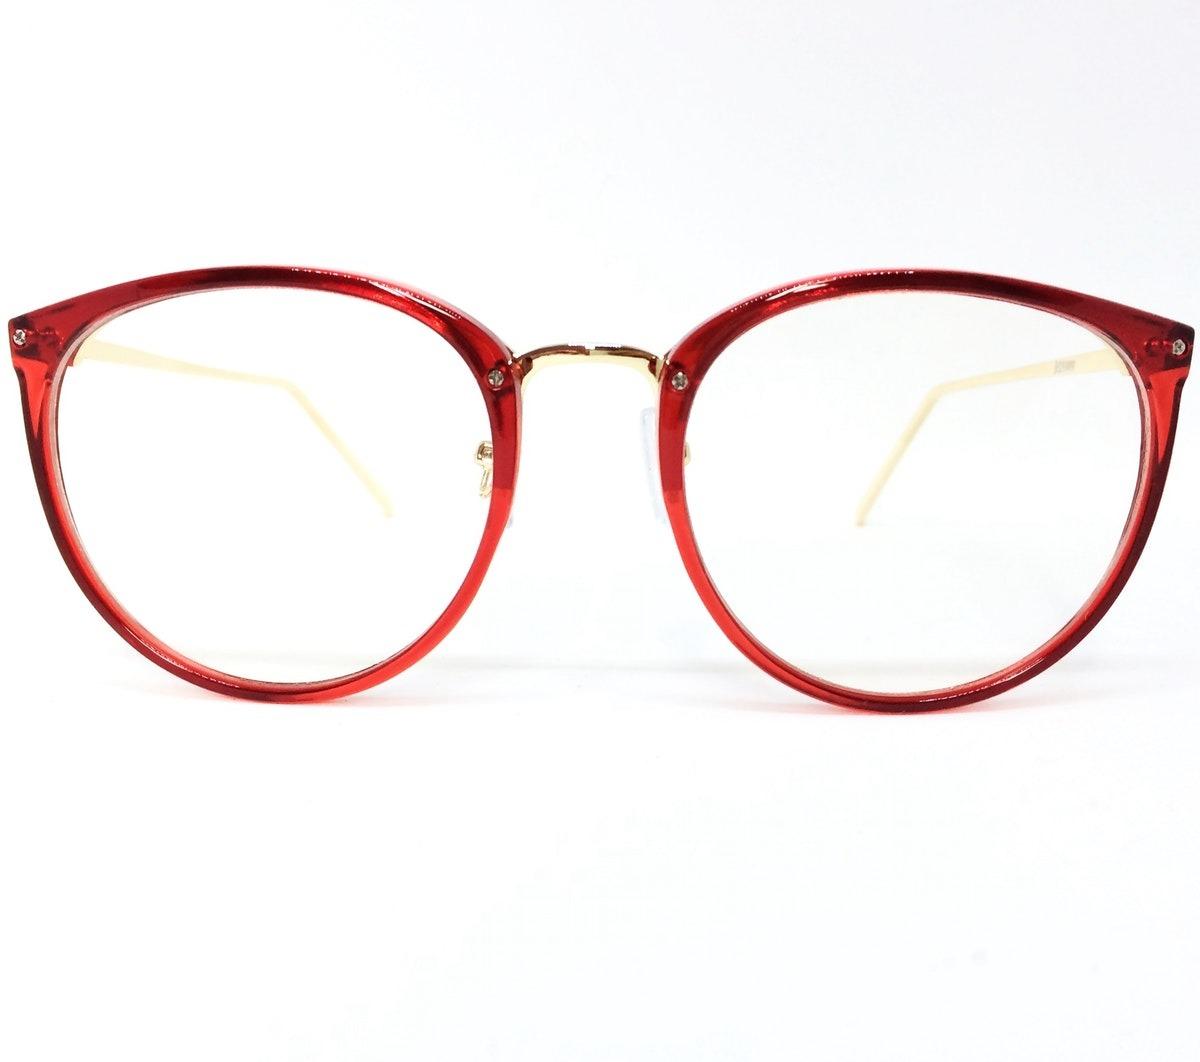 6ae54a9b8d5ae Armação De Luxo Redonda Para Óculos De Grau - Vermelho E - R  117,97 ...